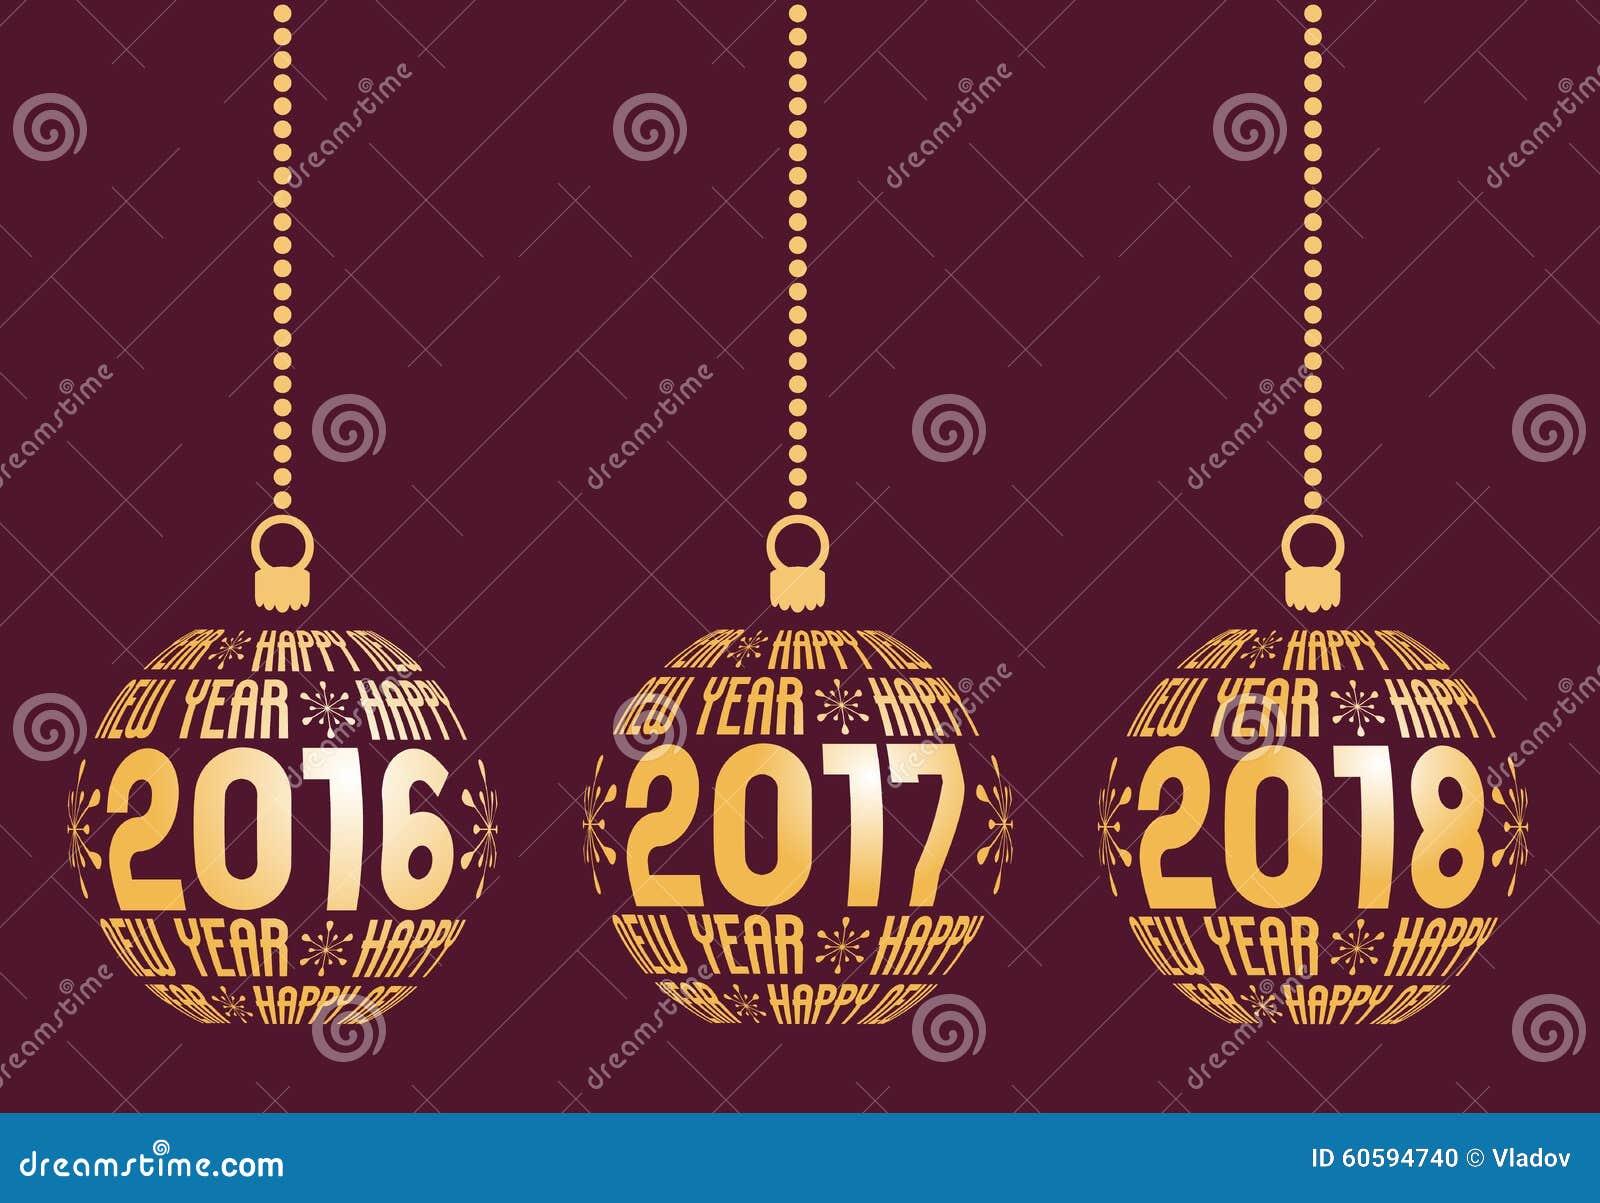 Guten Rutsch Ins Neue Jahr Bilder 2018